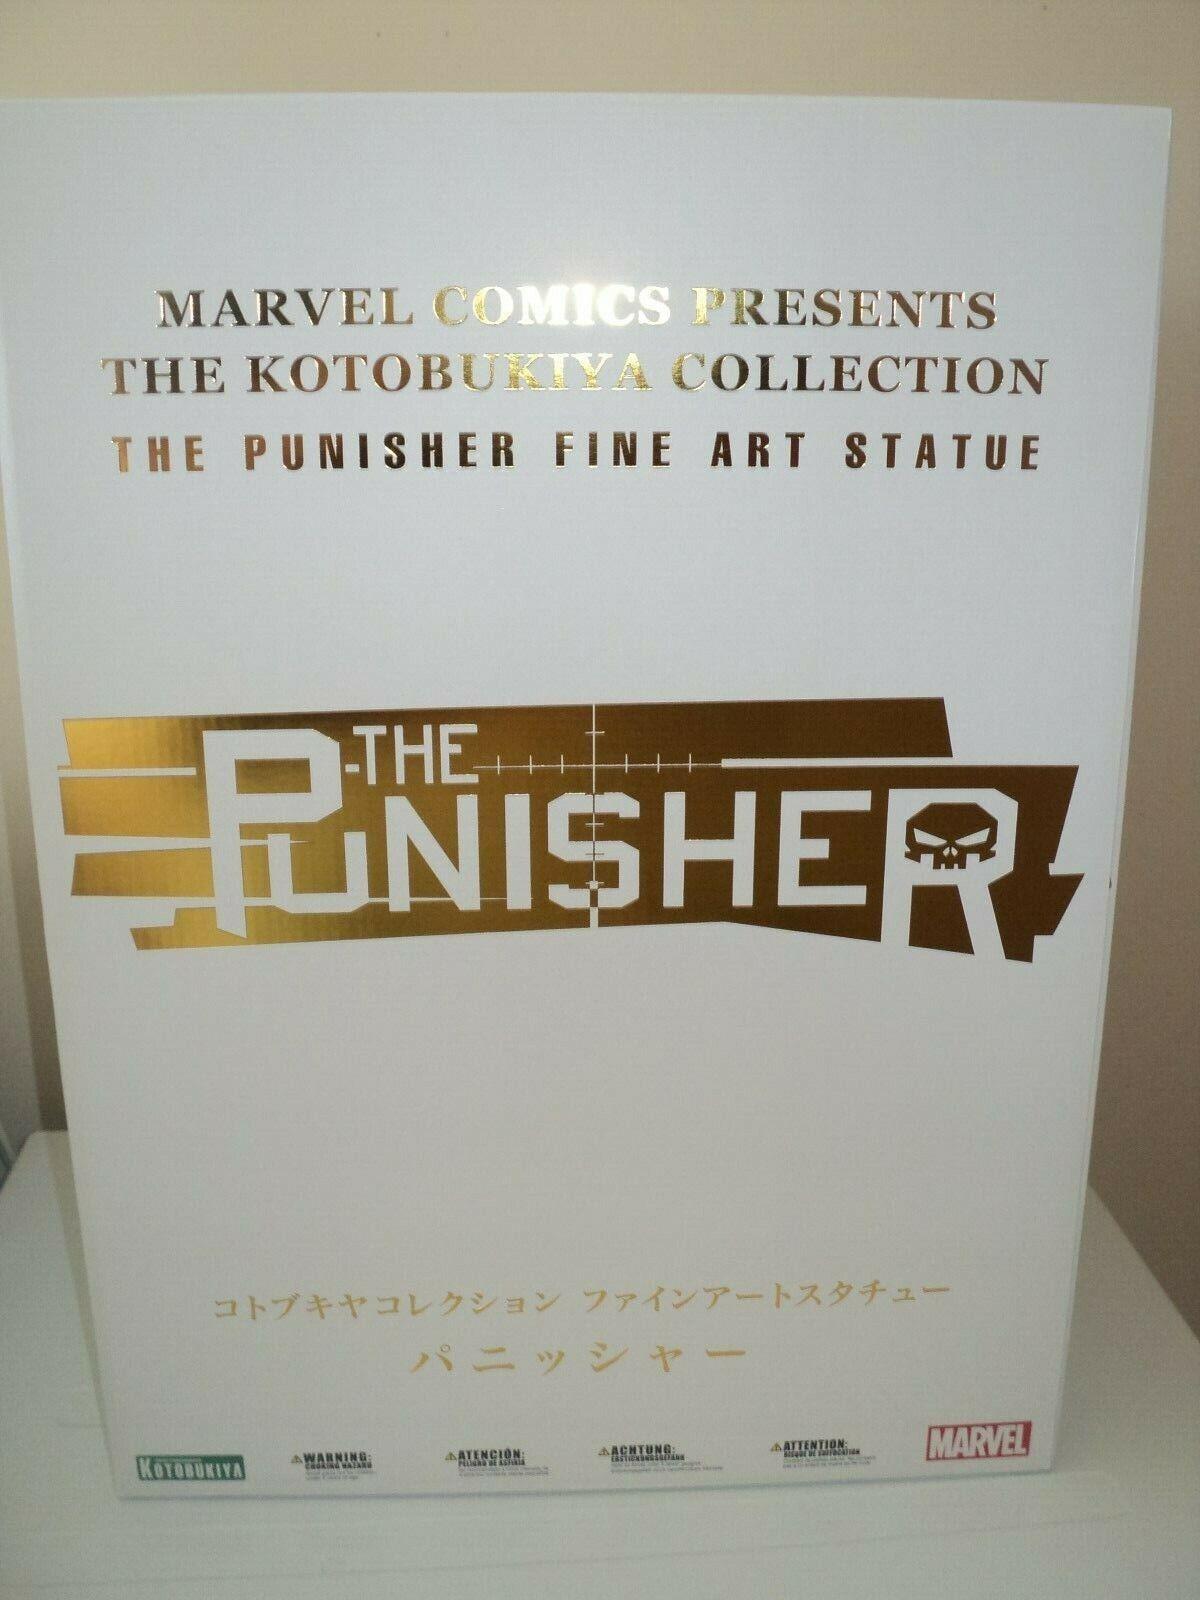 MARVEL UNIVERSE THE PUNISHER FINE ART STATUE KOTOBUKIYA LIMITED EDITION 900 NEW